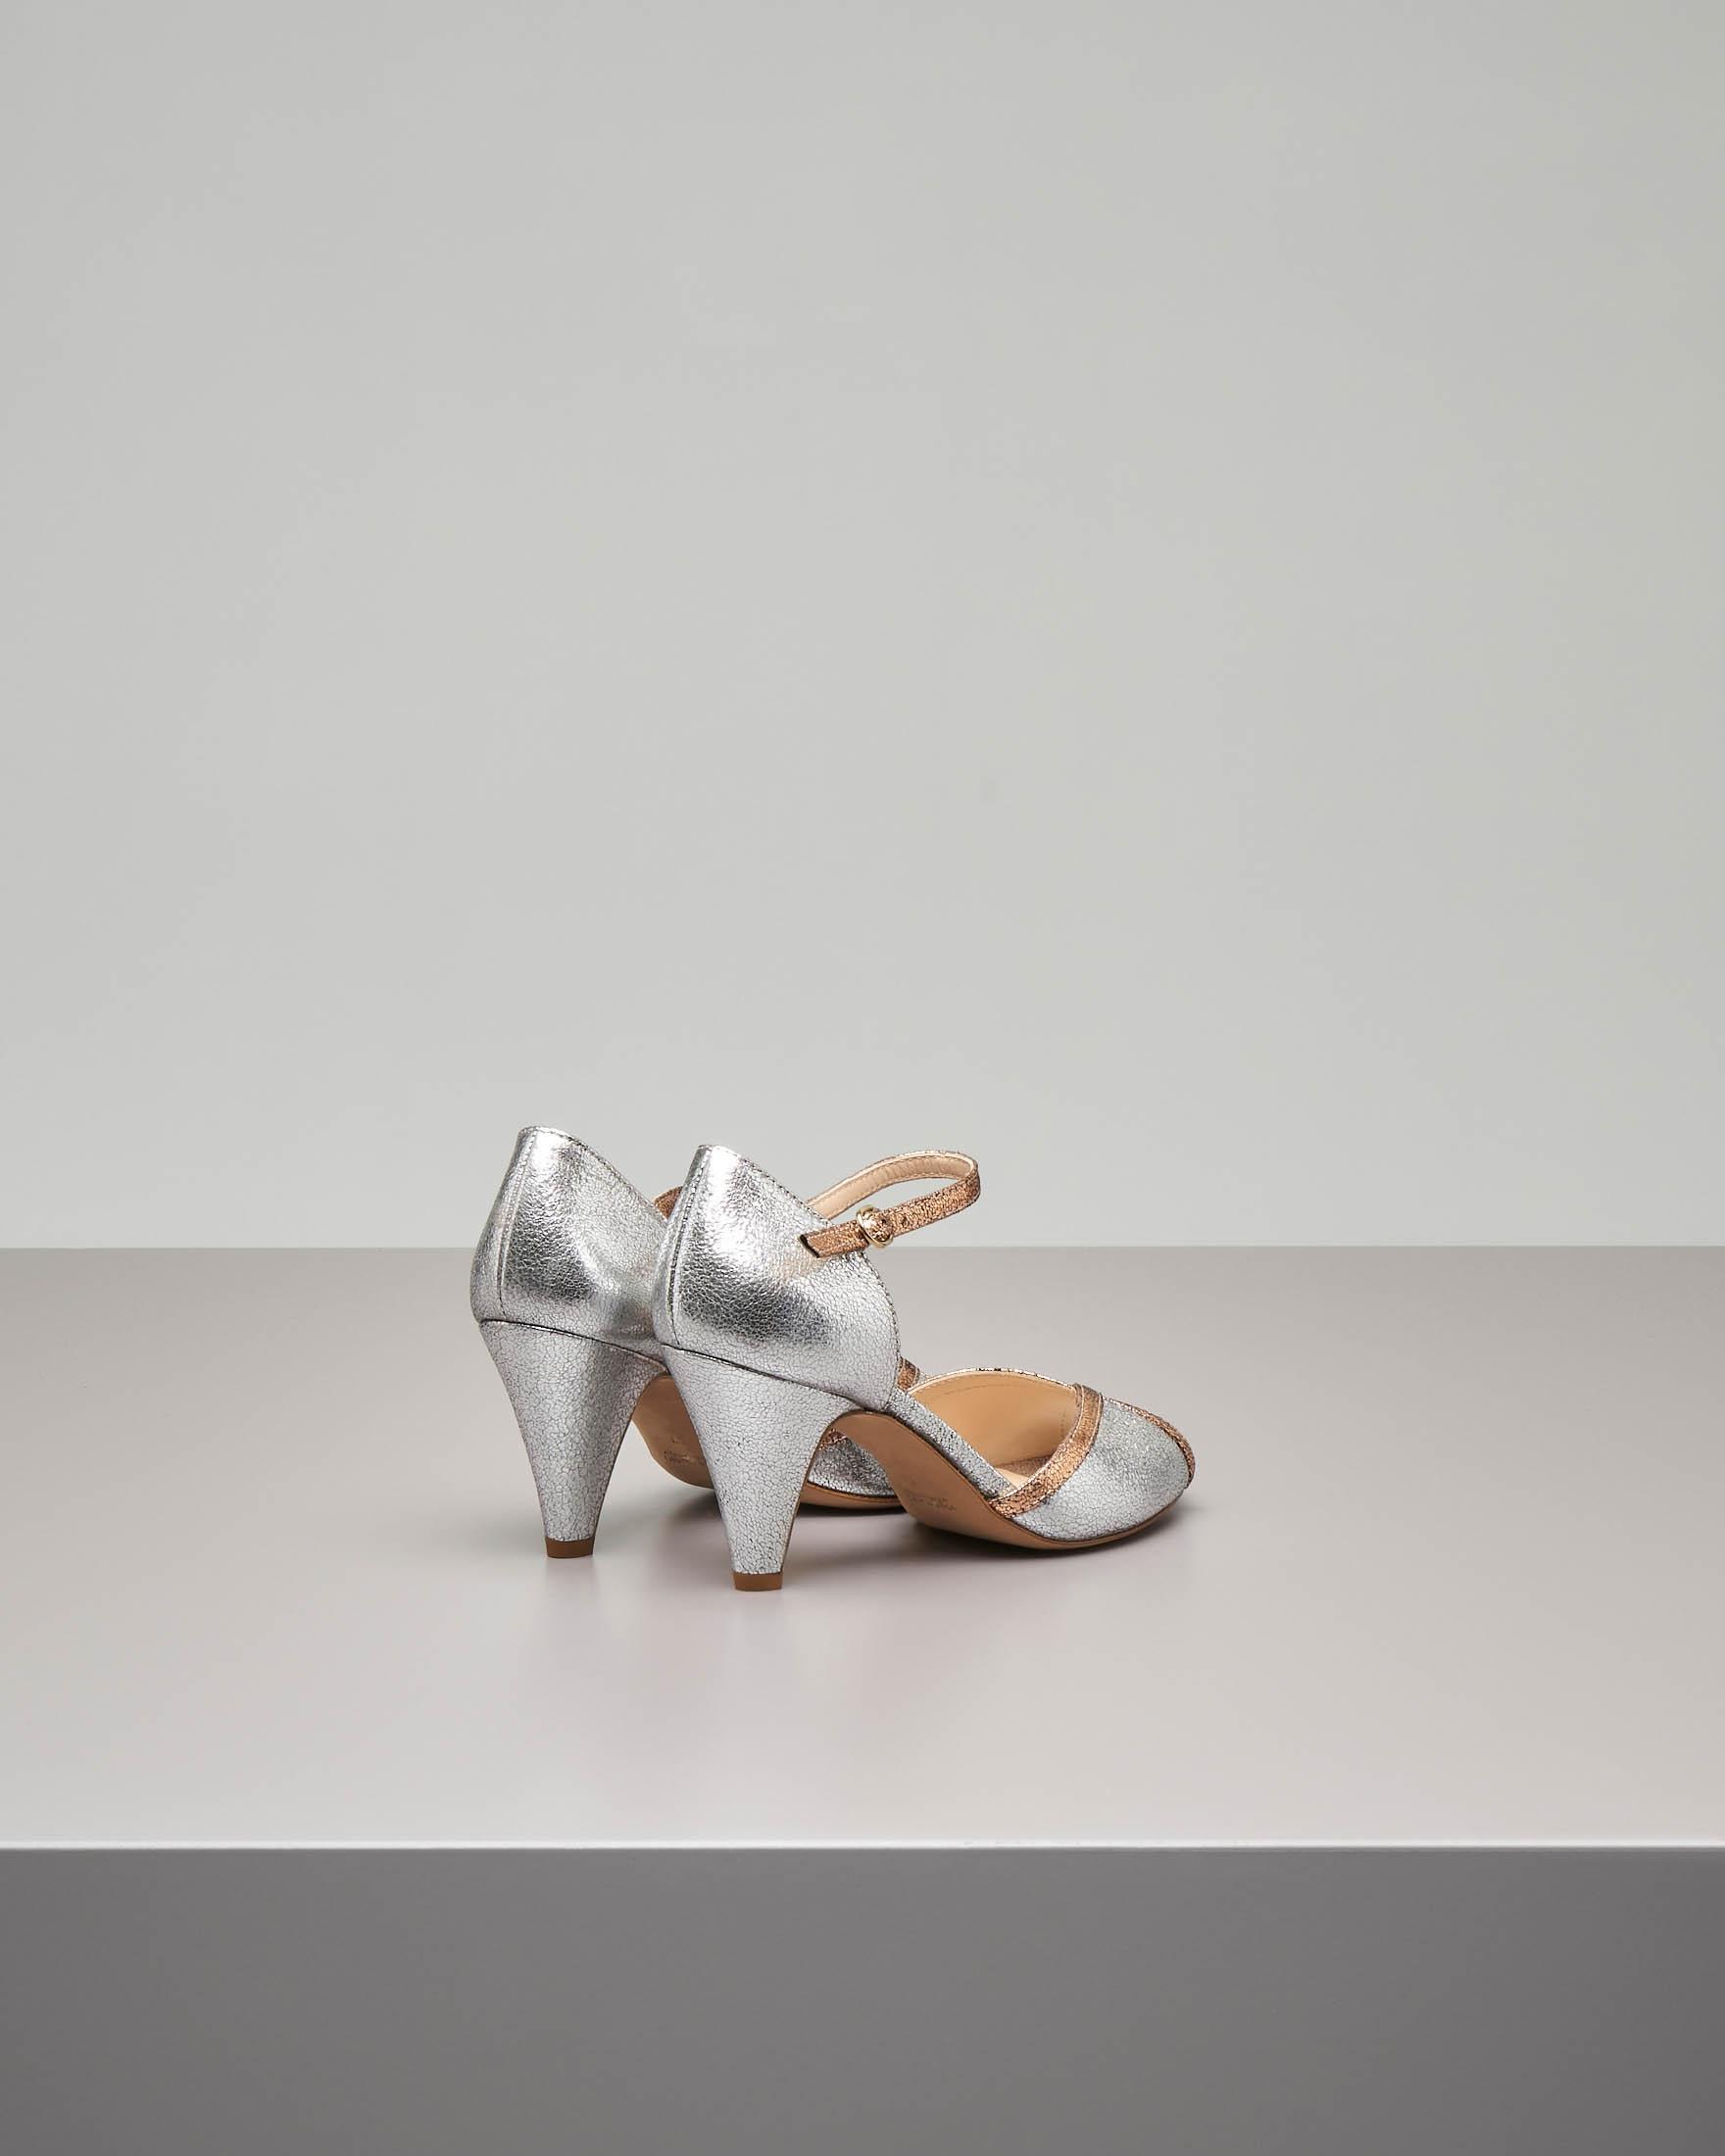 Sandalo modello tanguera in pelle effetto laminato color argento e rame